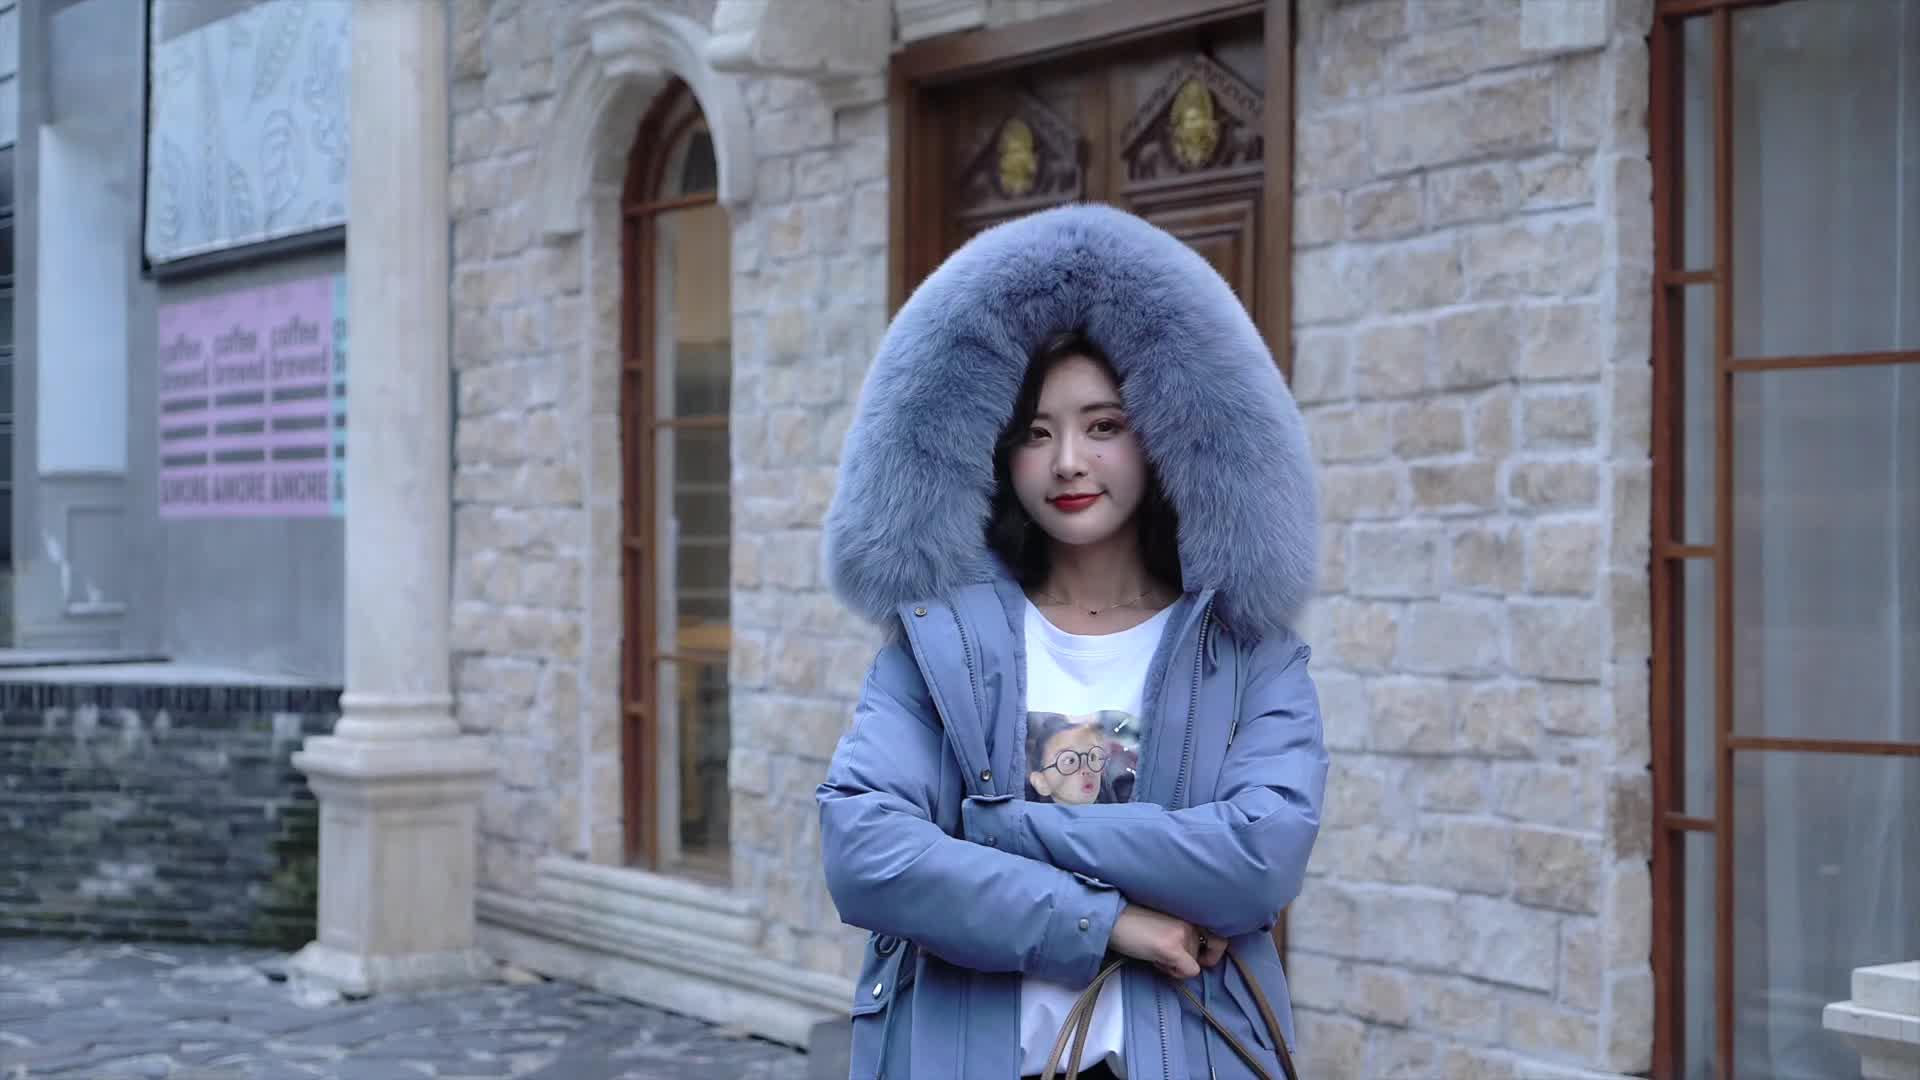 實拍派克服2019新款韓版女獺兔毛內膽皮草外套冬季中長款棉衣棉服